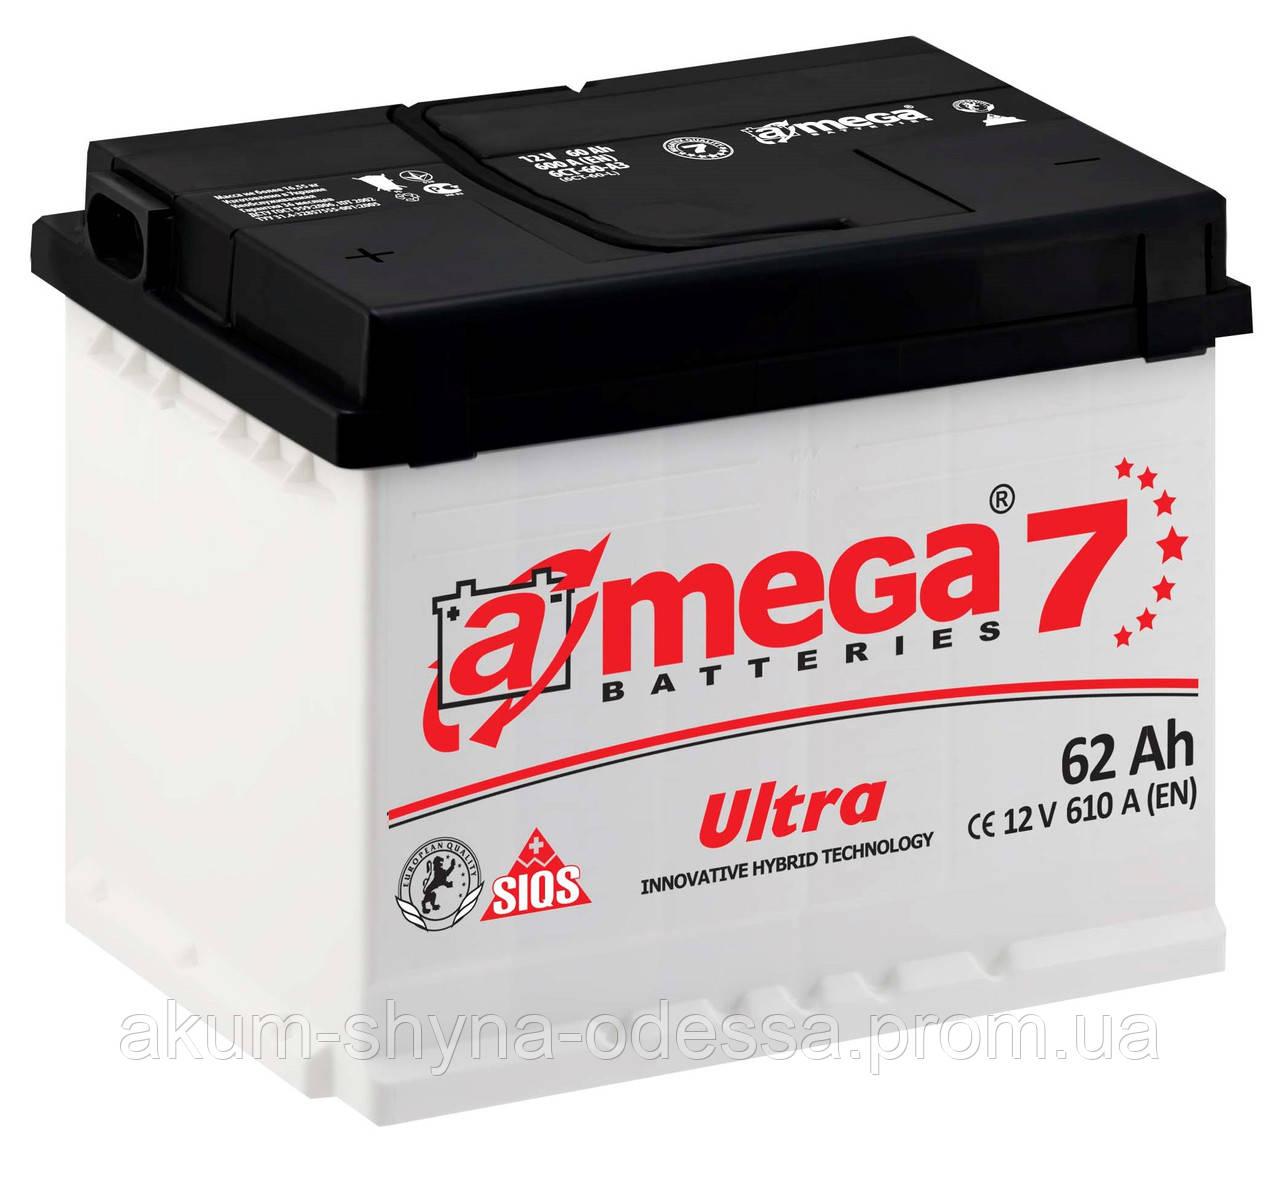 Аккумулятор A-mega Ultra 62Аh 610A L